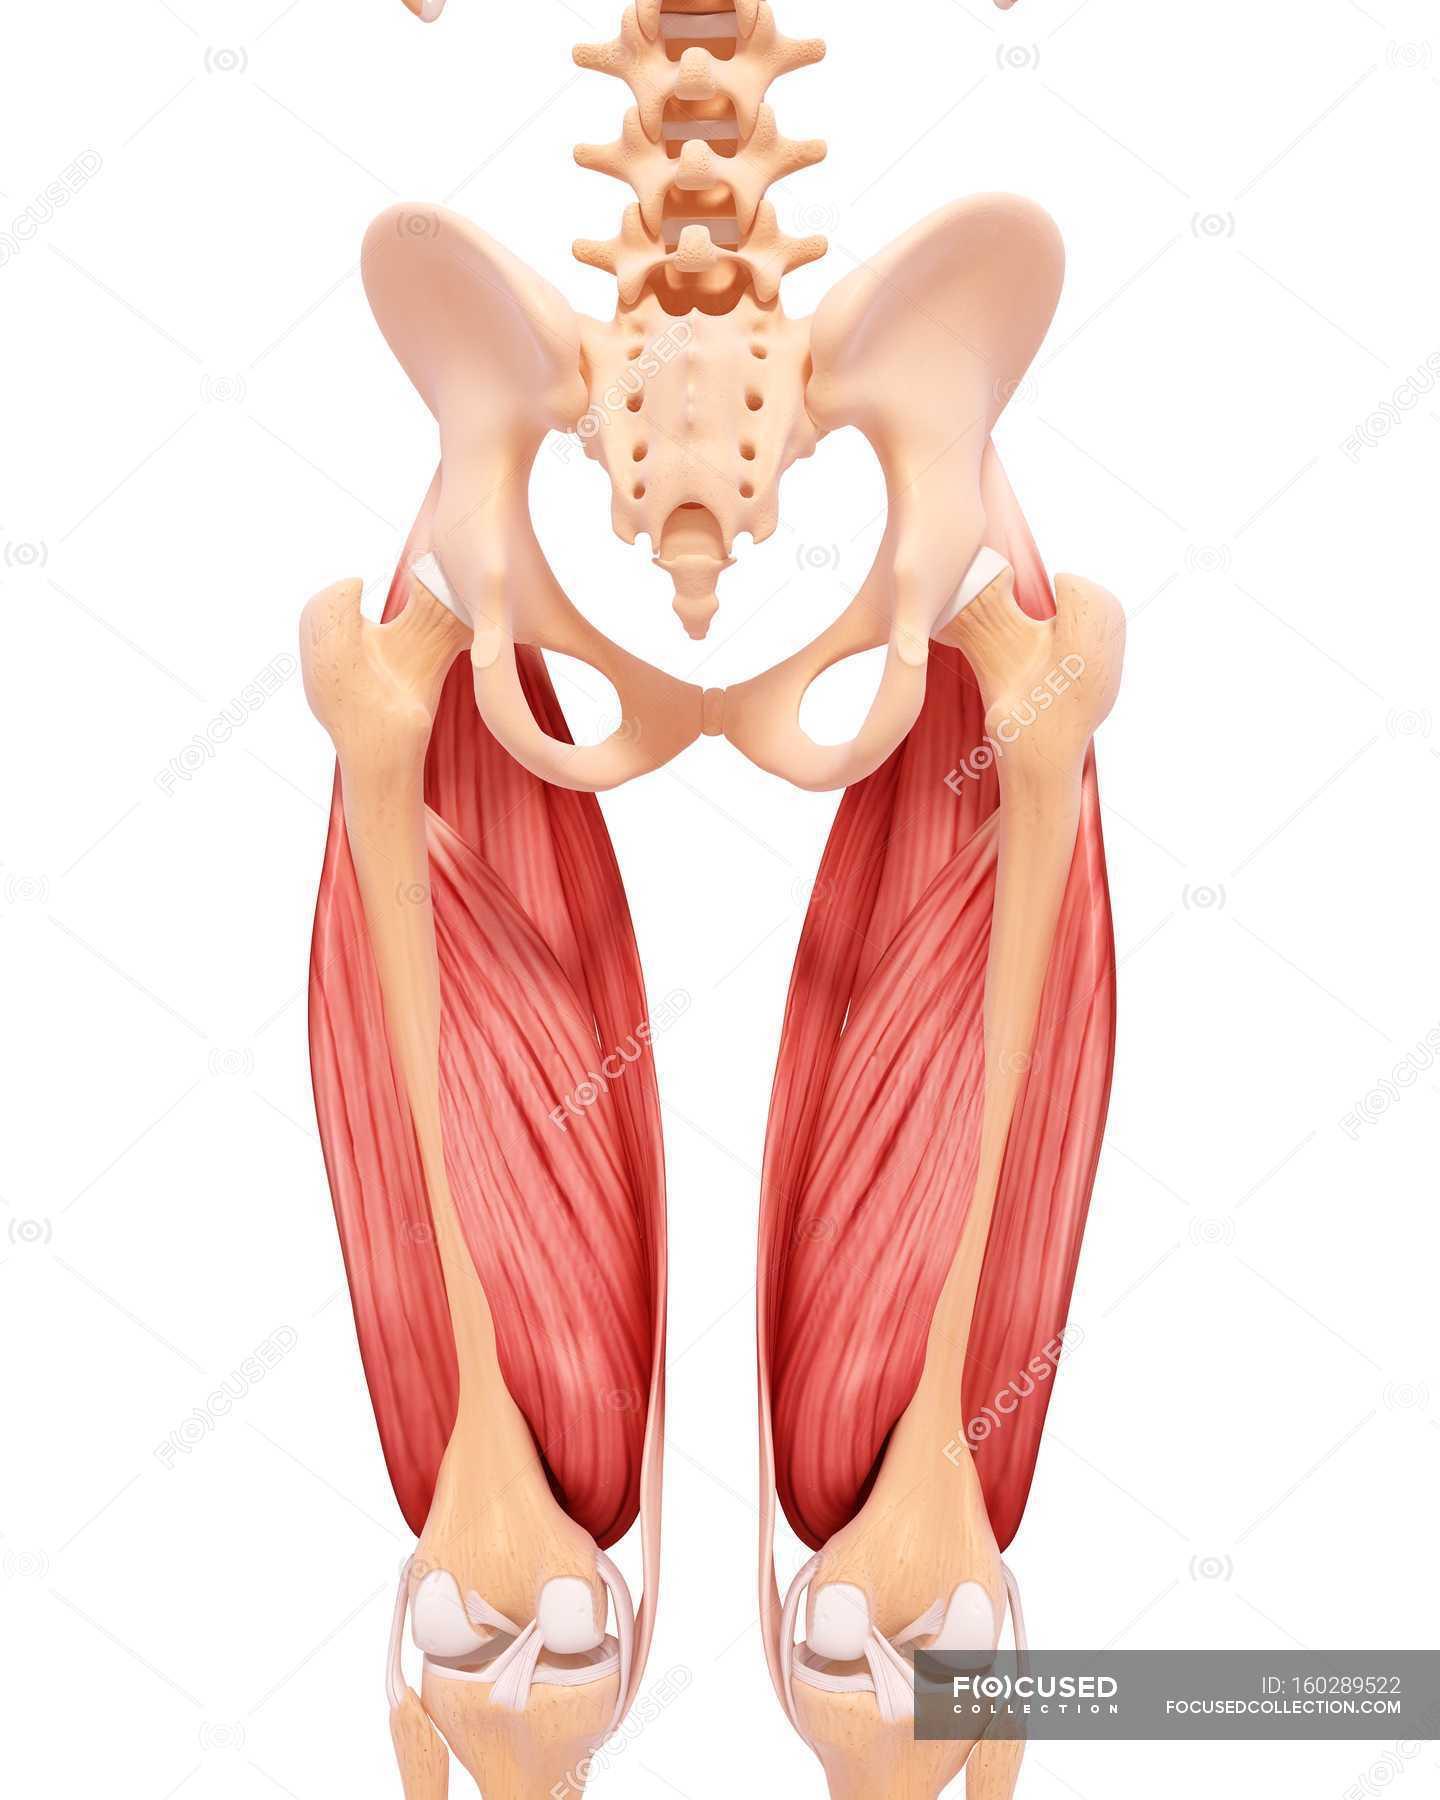 Menschliche Beine Muskulatur — Stockfoto | #160289522